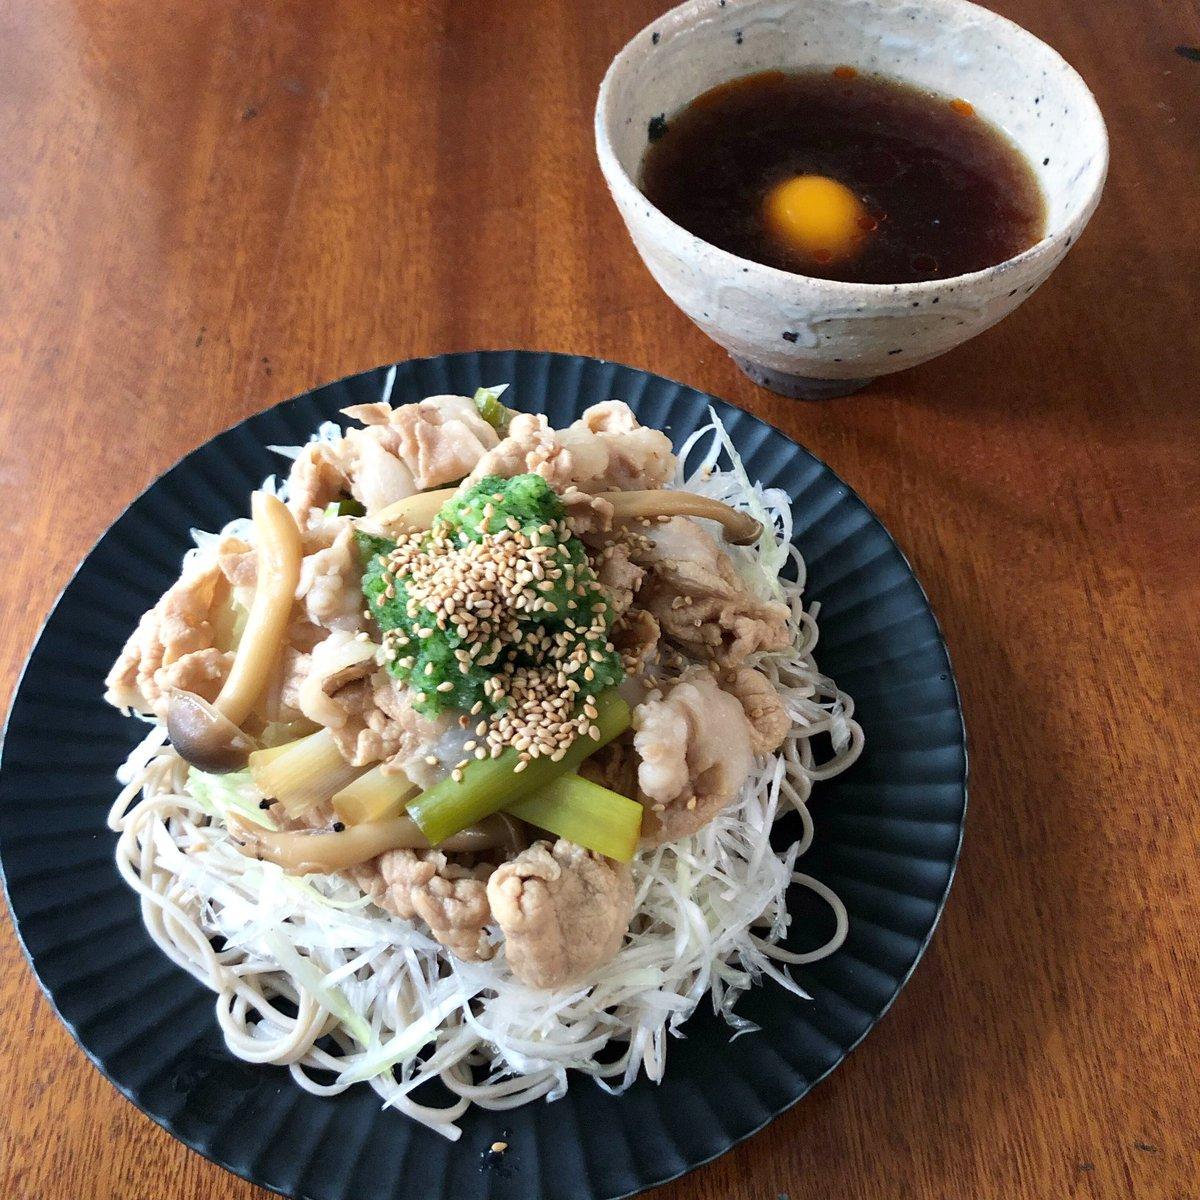 明日8/26月曜 #NHK #あさイチ  9時半前後? 生放送で #肉そば 作ります あったかい汁にラー油を入れる、流行ってるヤツです! レシピは放送後、あさイチのホームページでチェックお願いします! https://t.co/zZHXyGkaFo